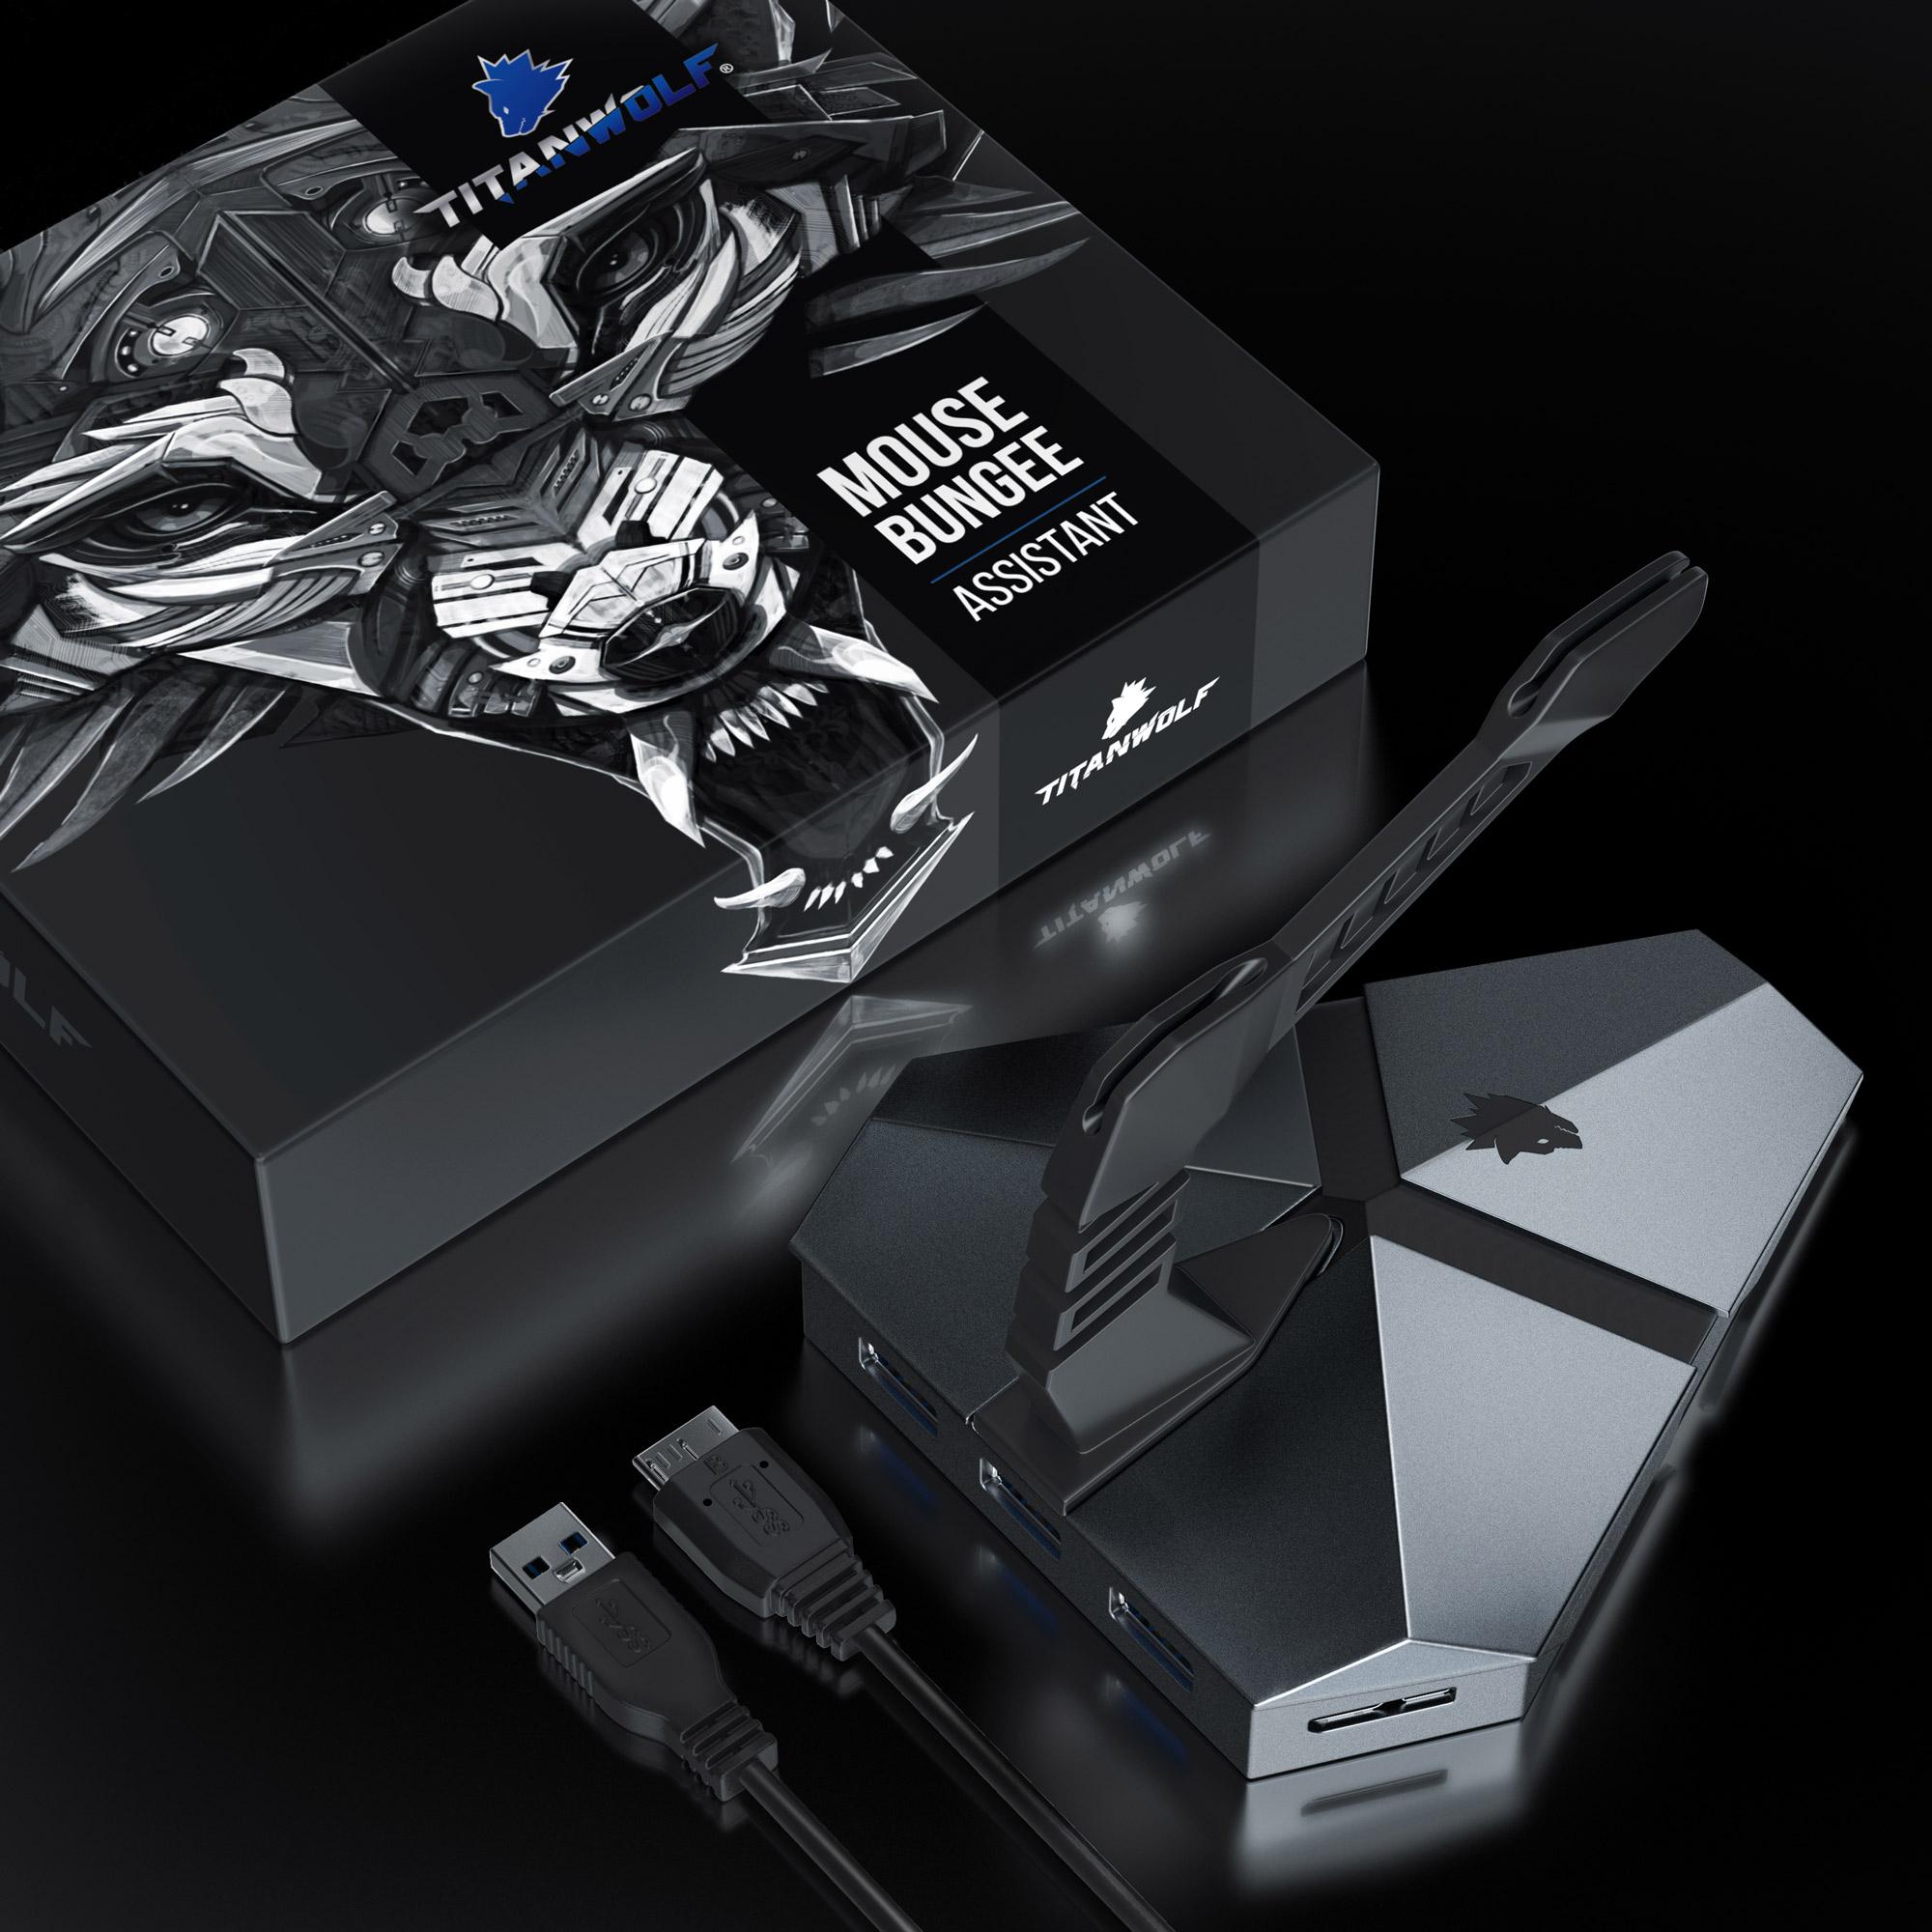 303094_Mouse-Bungee_Packshot2-black.jpg